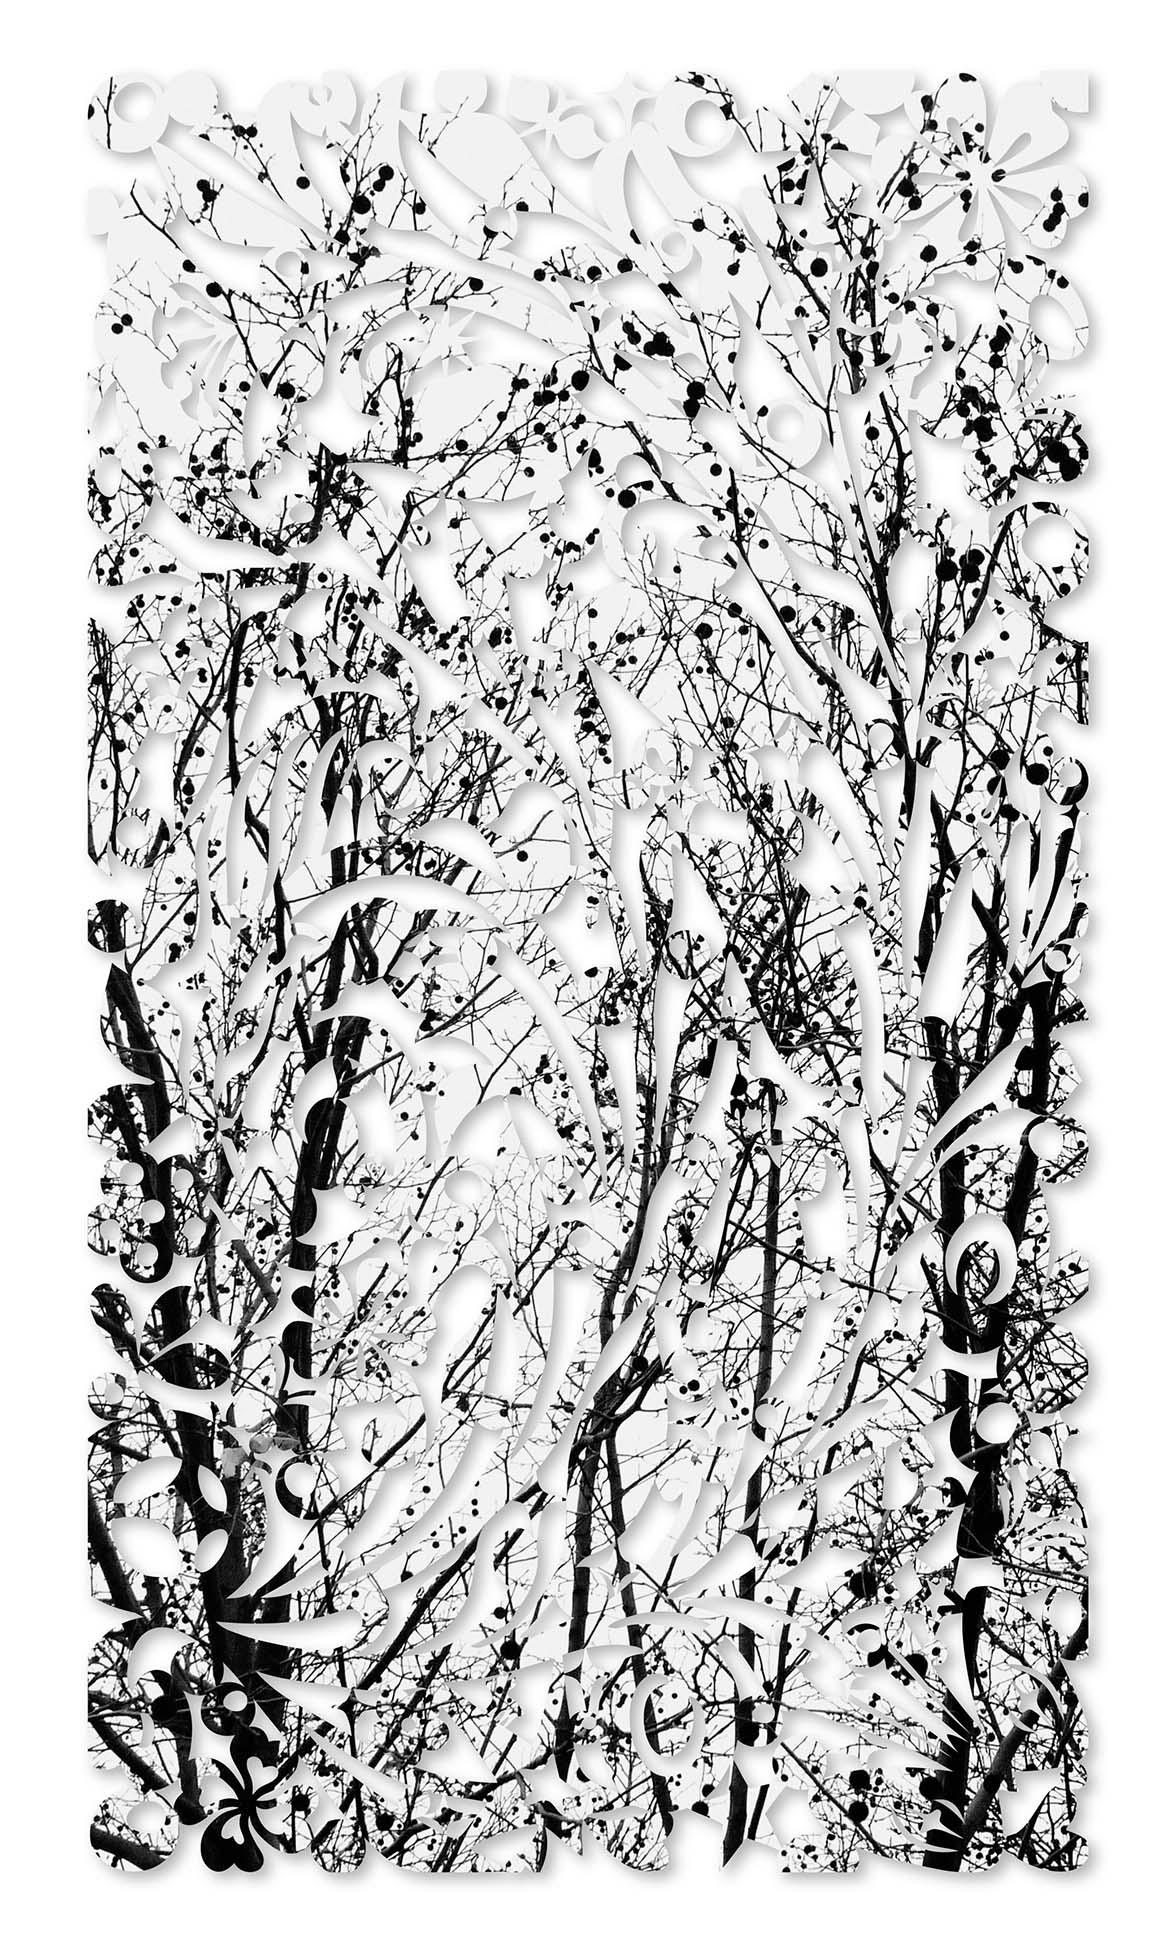 吳耿禎 影像剪紙系列 - 仰望冬日 宣影布輸出 100x180cm